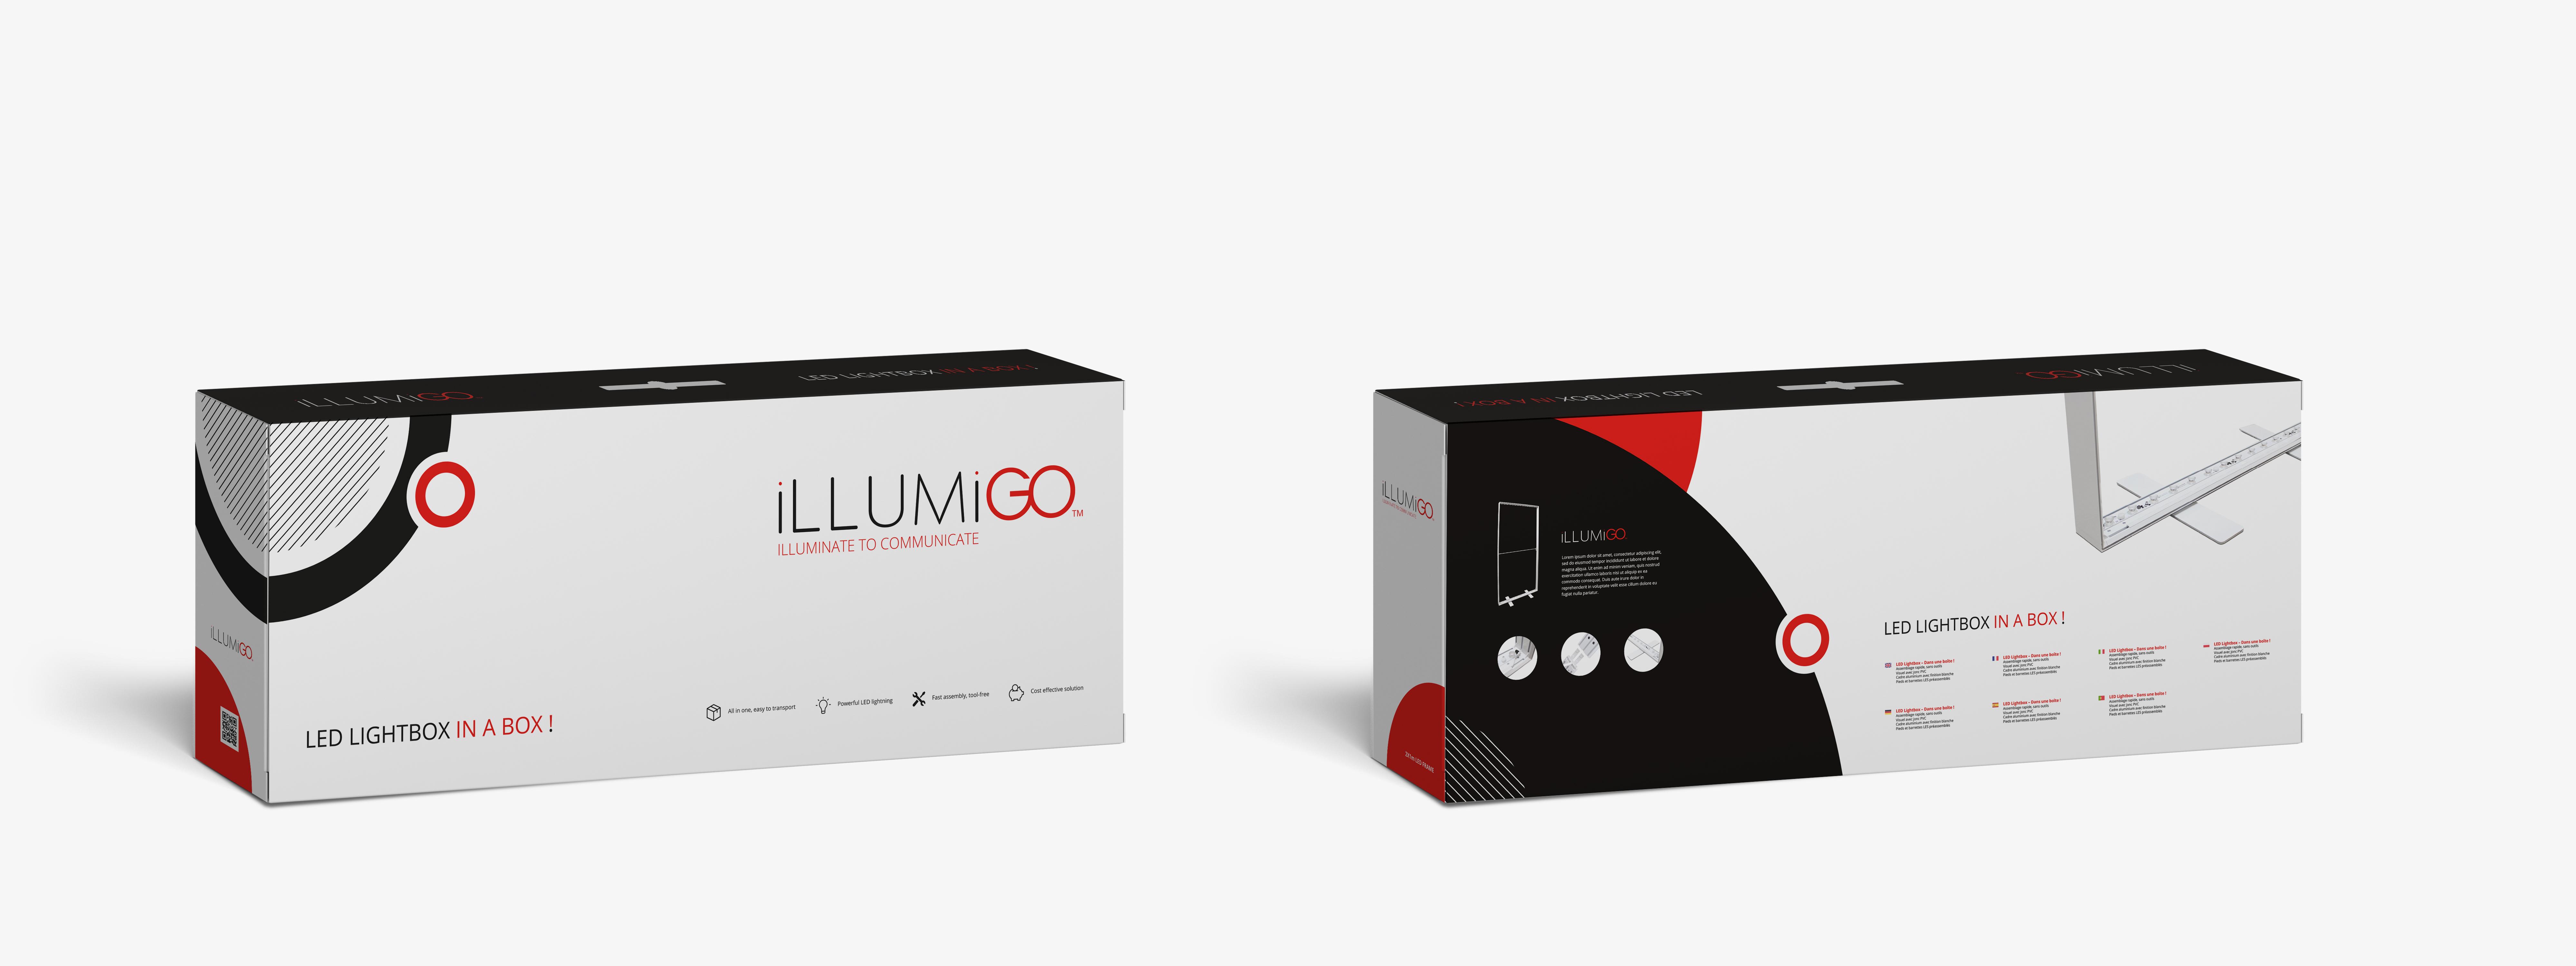 IllumiGO Boxes